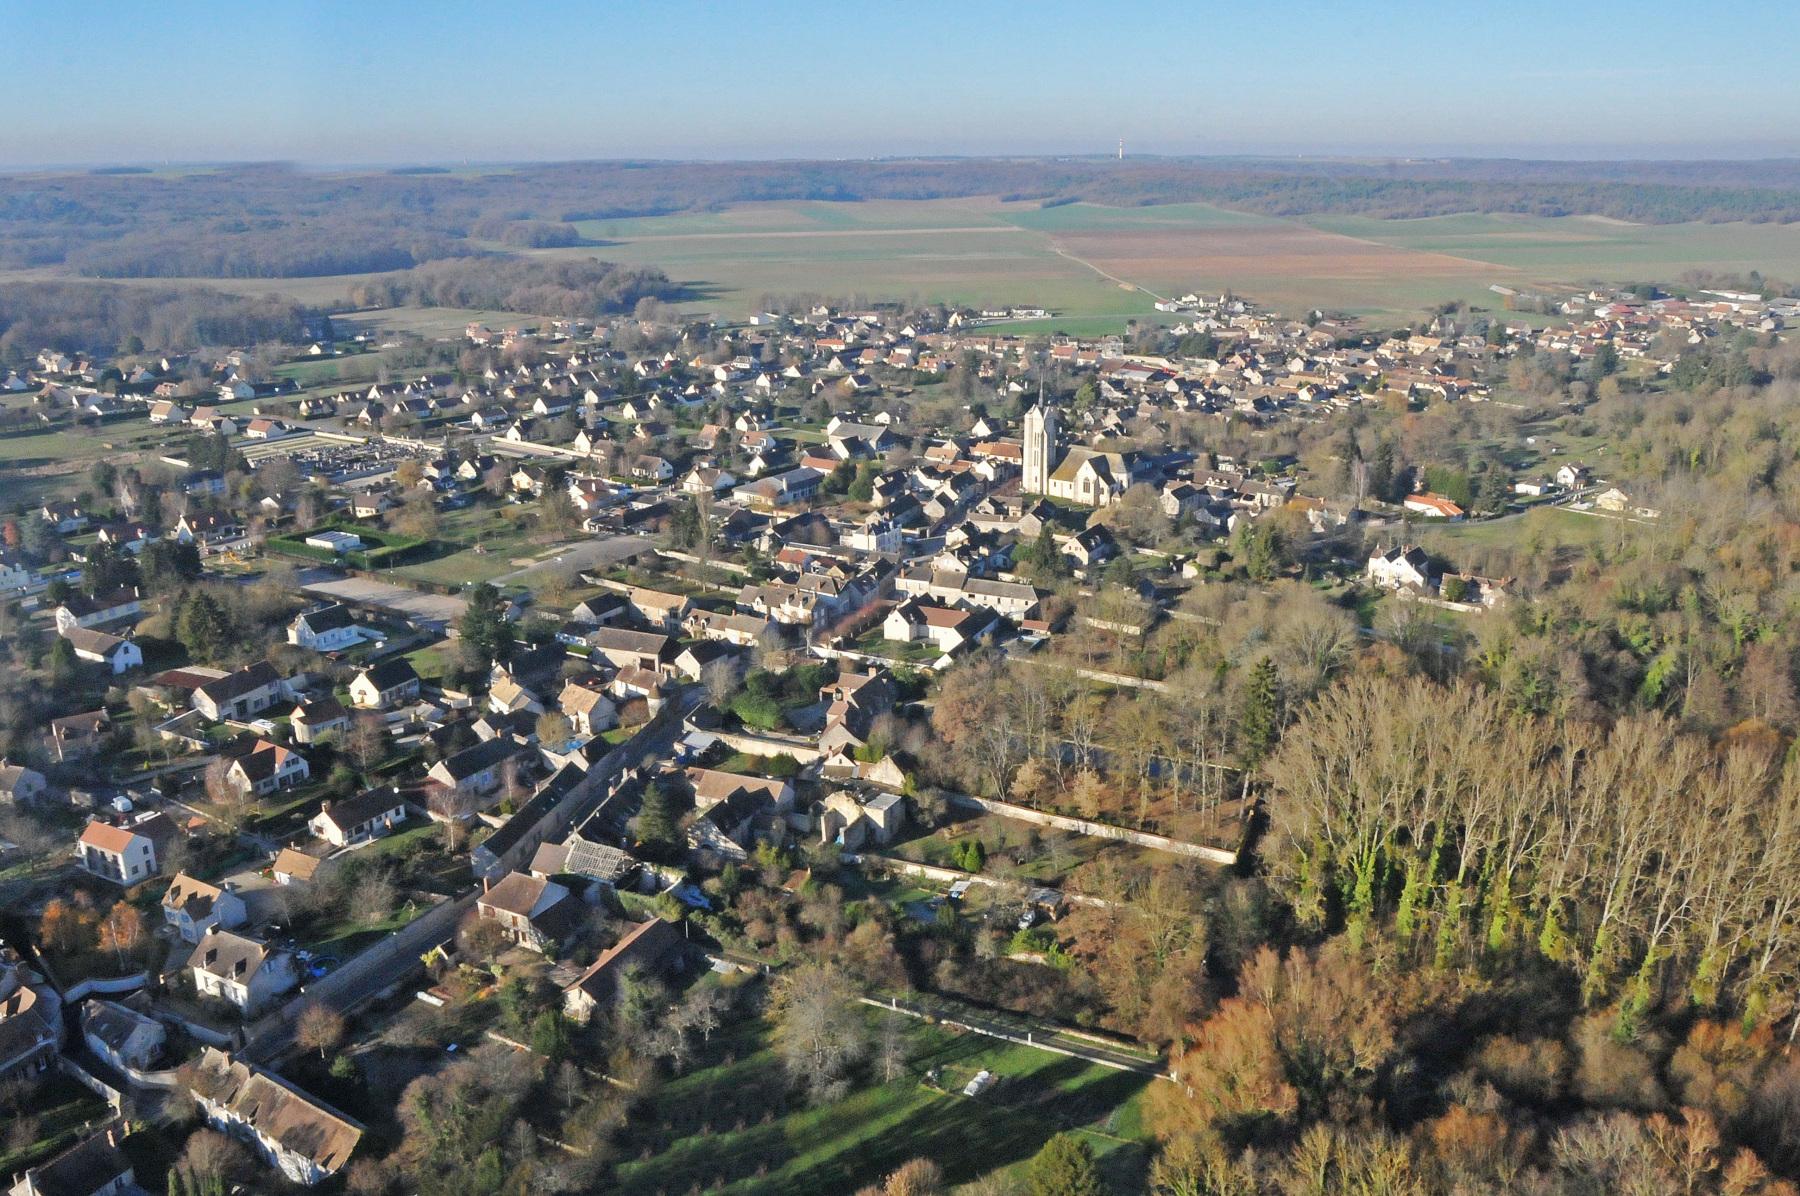 Vue-aerienne-JVA_6085-Moigny-du-ciel-SUD_NORD